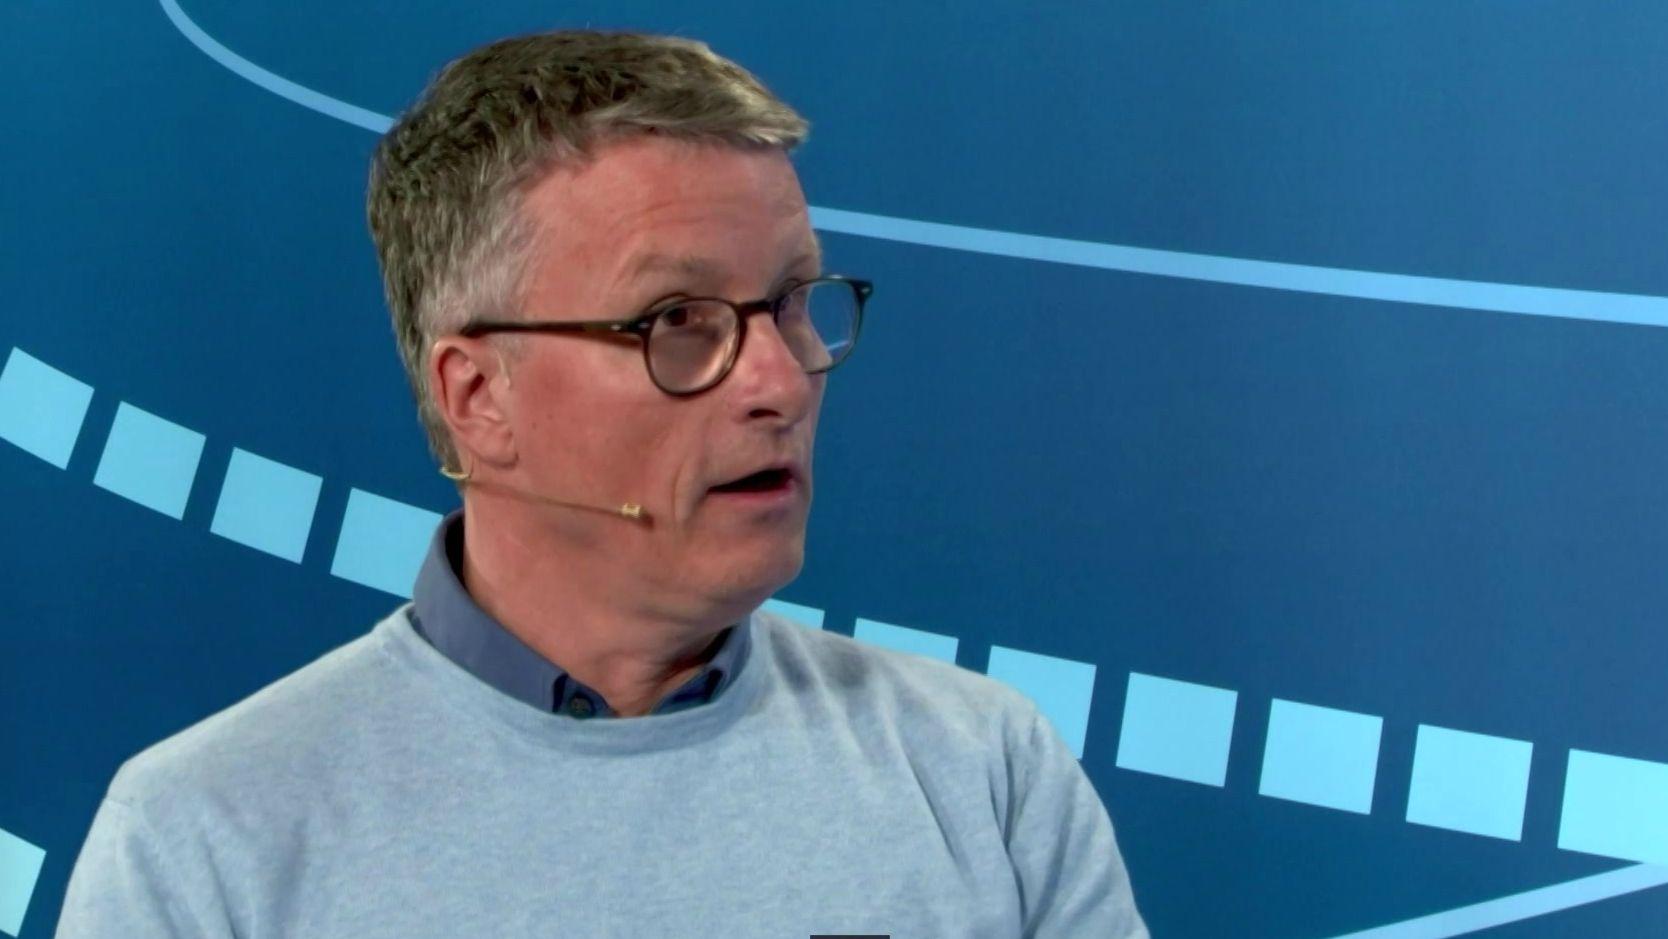 BR-Fußball-Experte Bernd Schmelzer